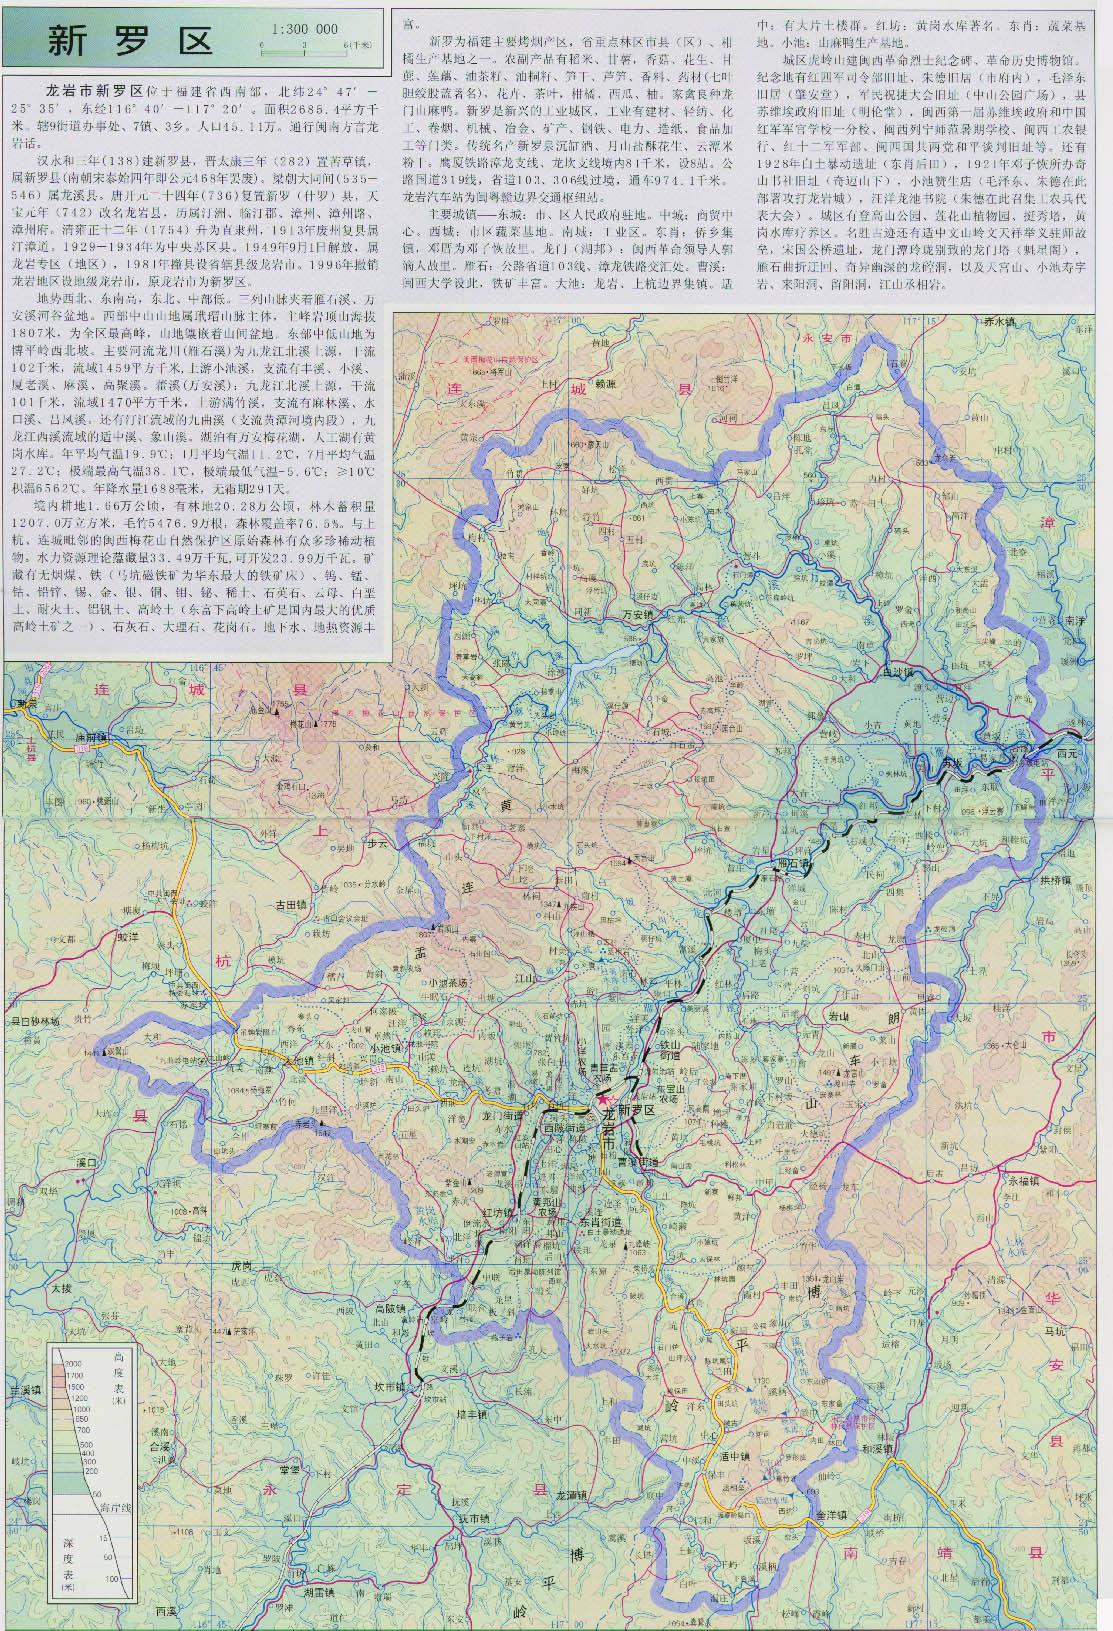 龙岩市地图_龙岩地图-龙岩市东环高速详细地图